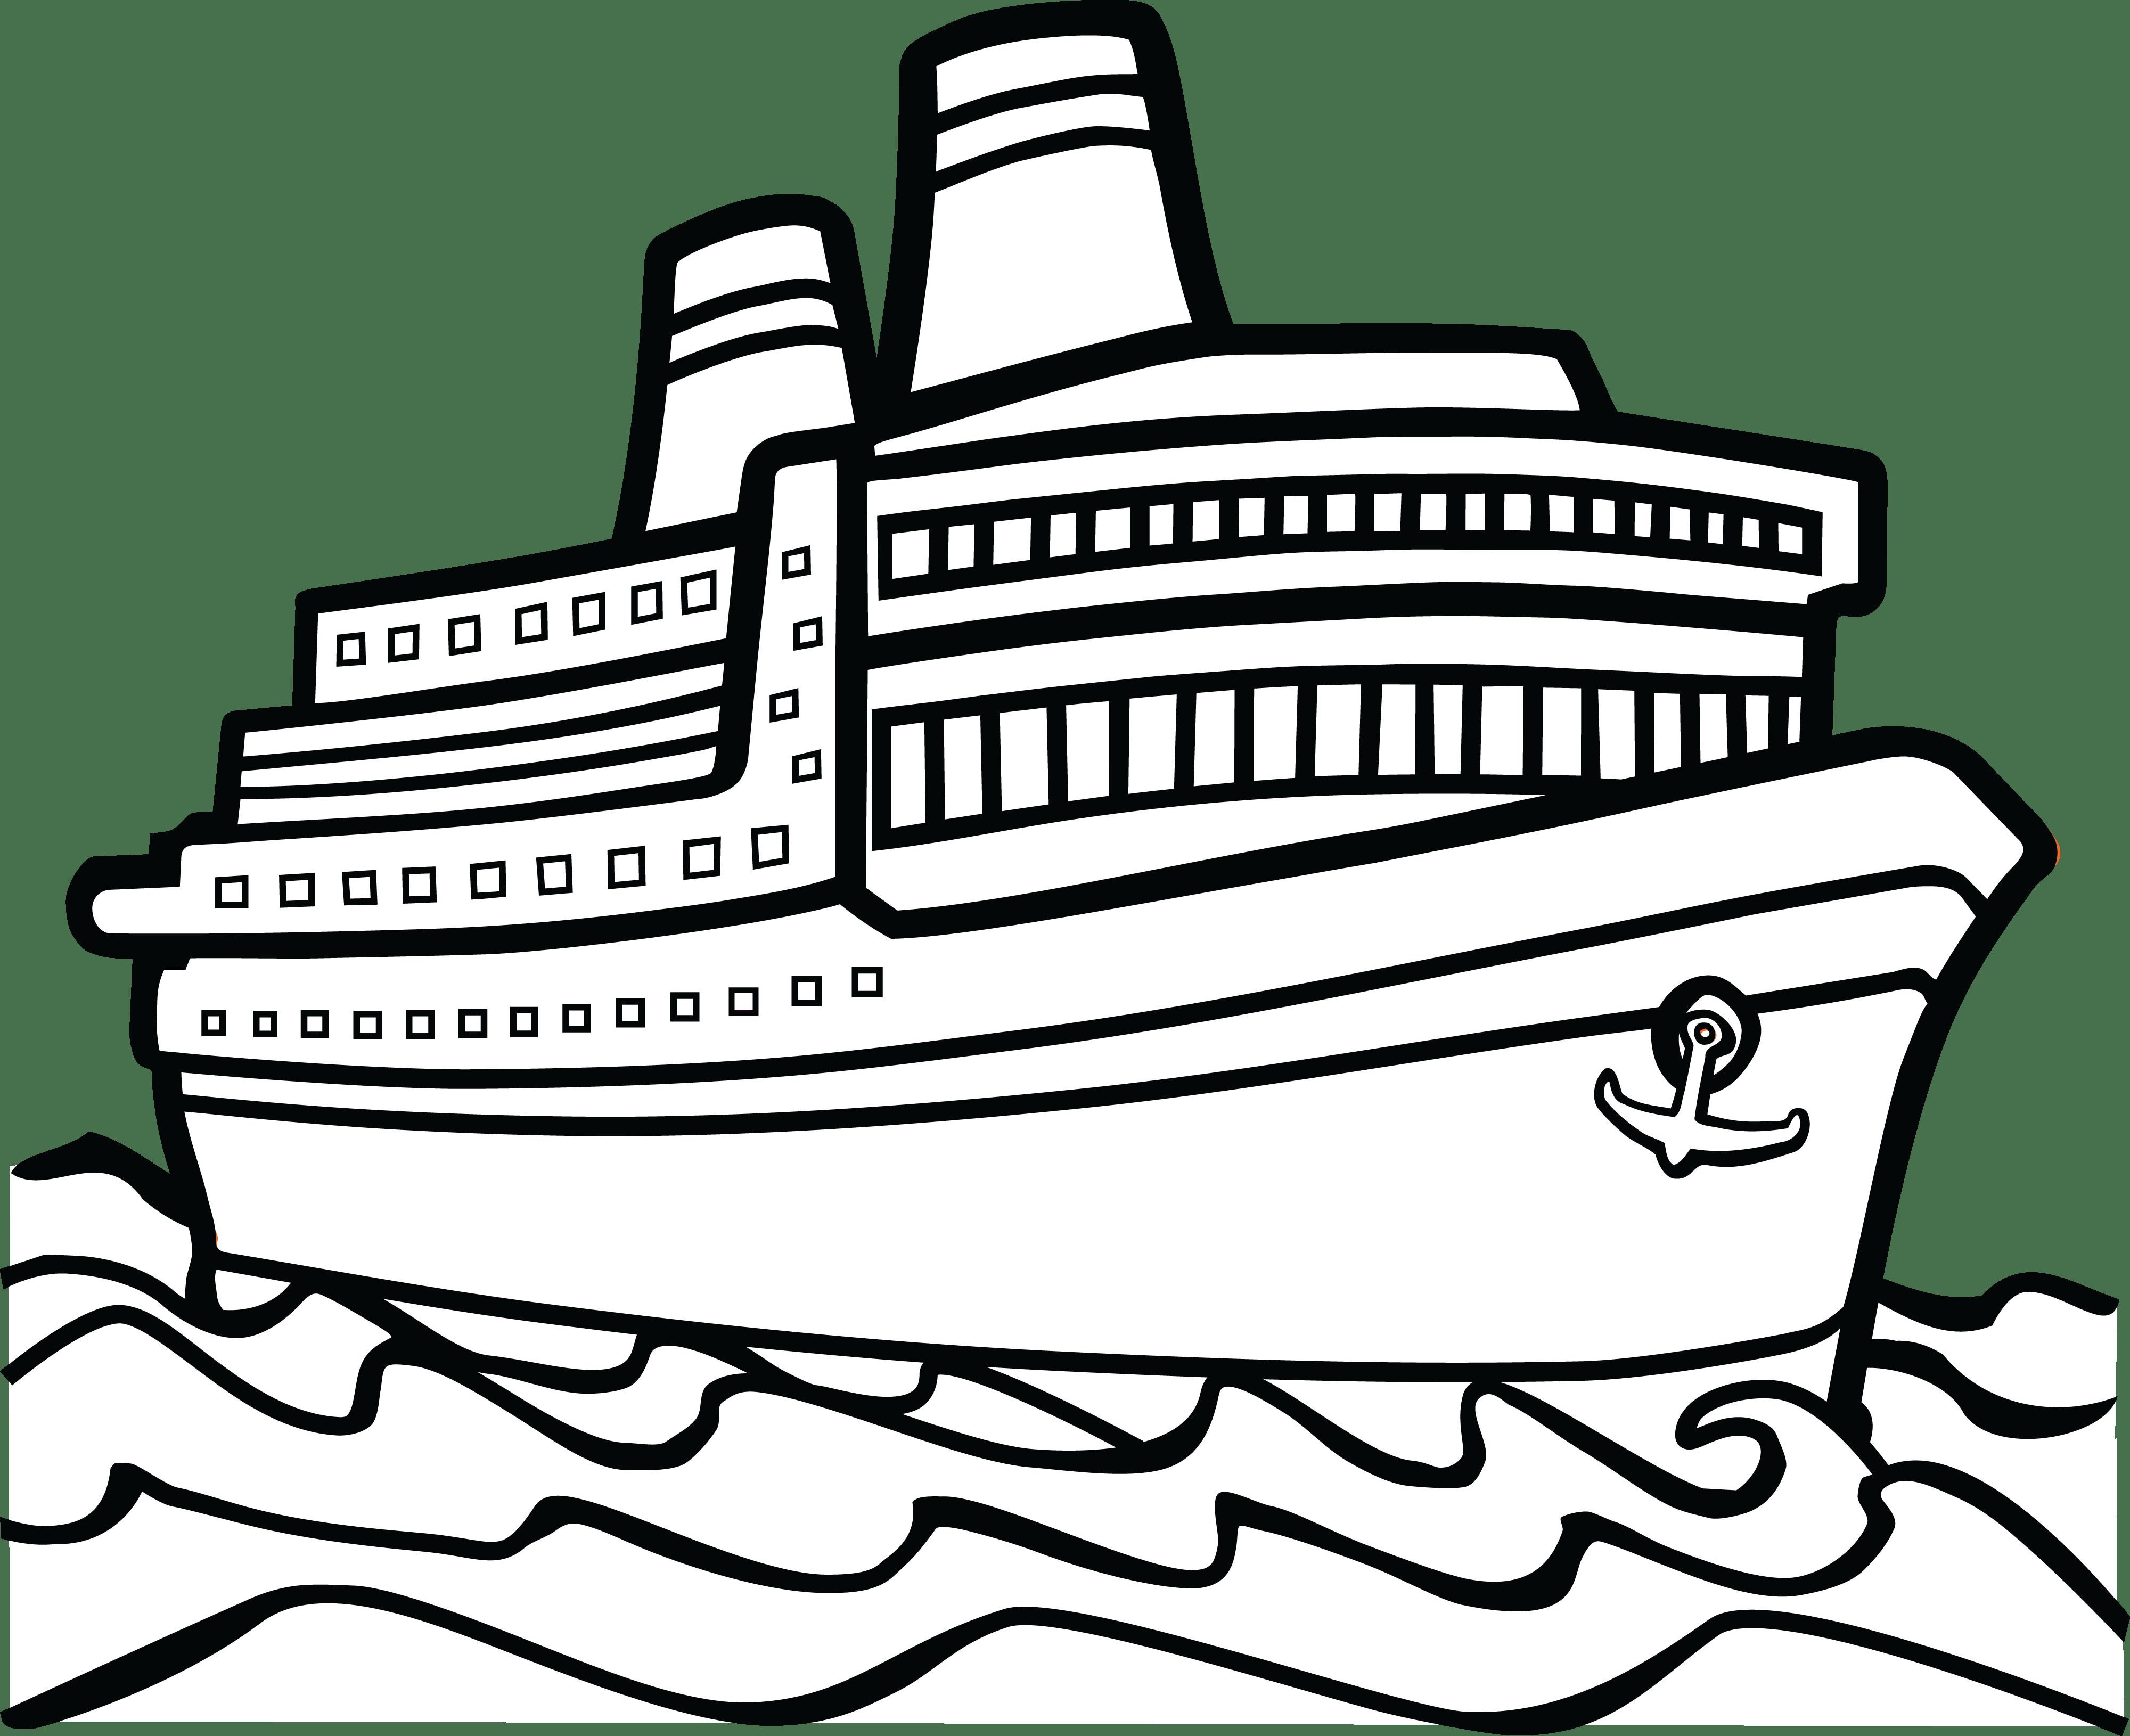 Big boat clipart 1 » Clipart Portal.